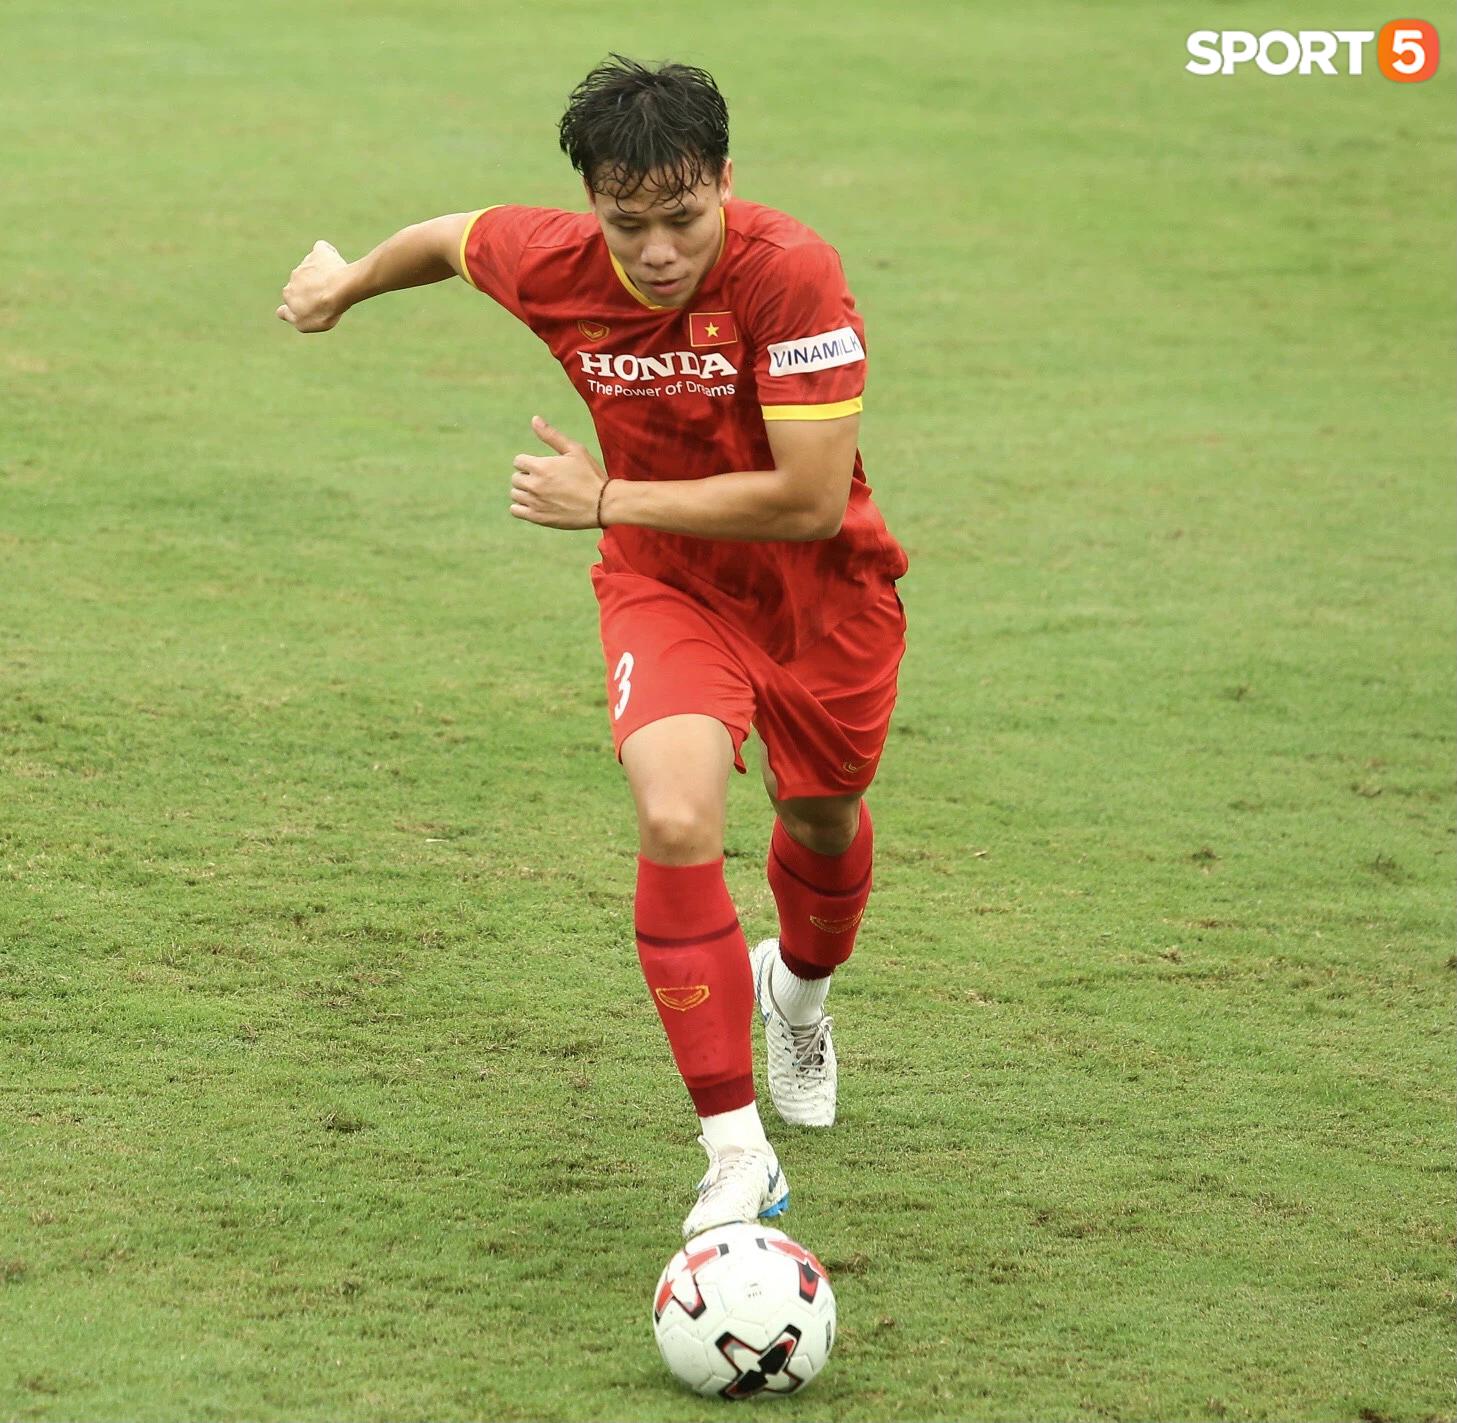 Bực vì học trò không thực hiện đúng, HLV Park Hang-seo trực tiếp thị phạm chuyền bóng - Ảnh 12.